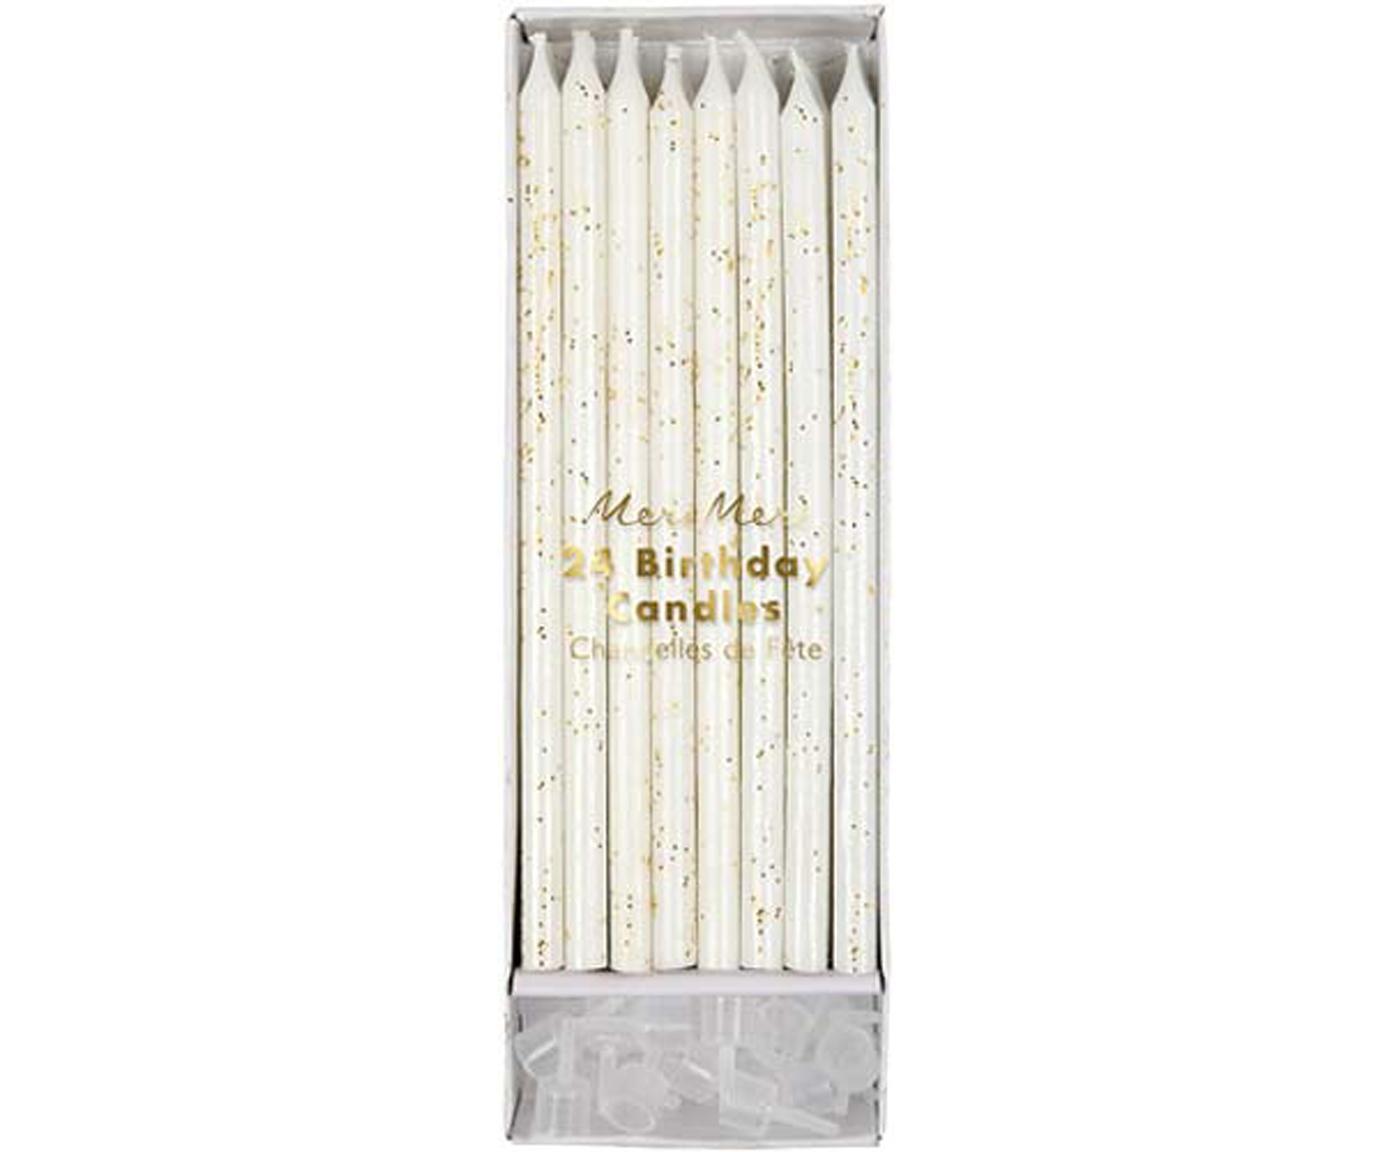 Set de velas de pastel Fete, 48pzas., Parafina, plástico, Blanco, dorado, Ø 1 x Al 15 cm